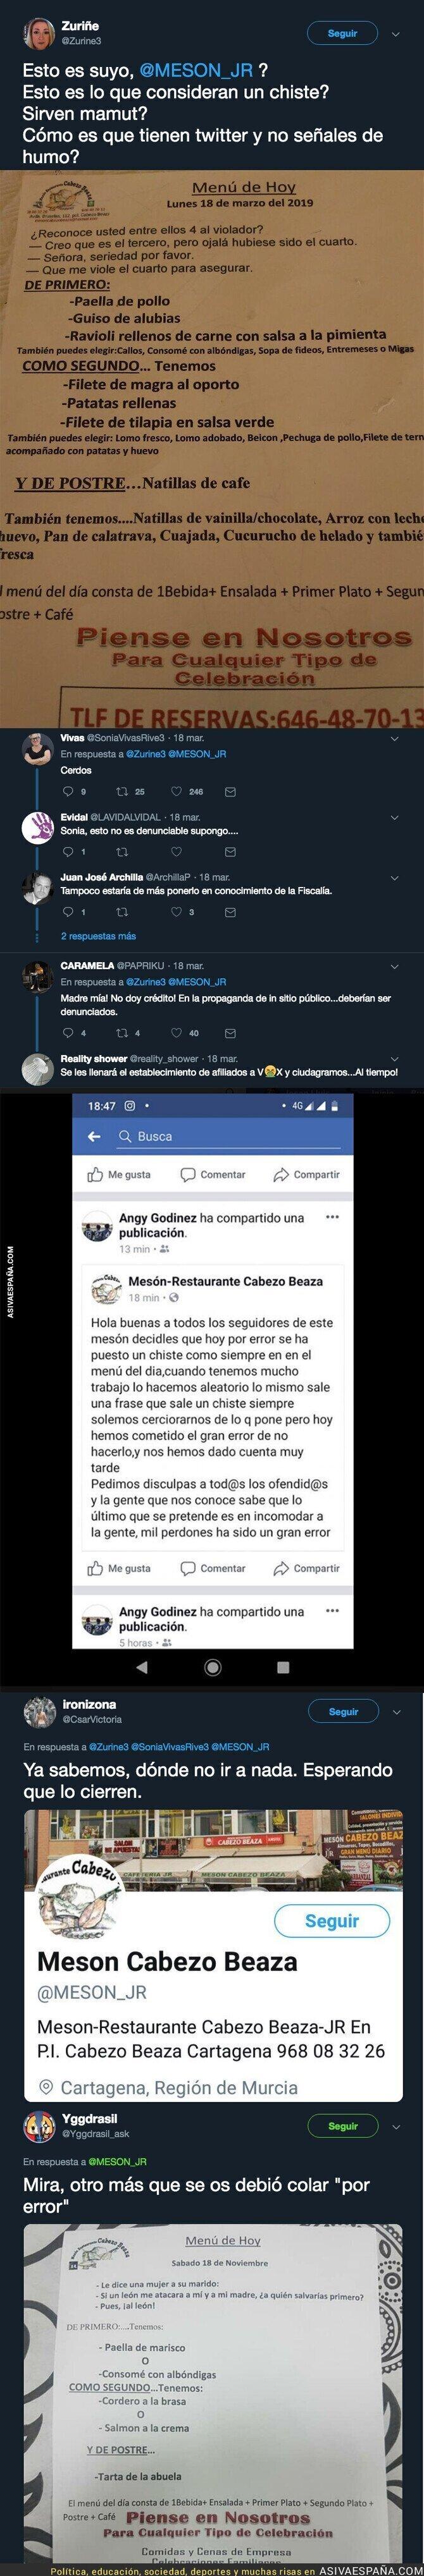 107017 - Los chistes de violaciones grupales encontrados en este mesón de Cartagena que están indignando a todo el mundo